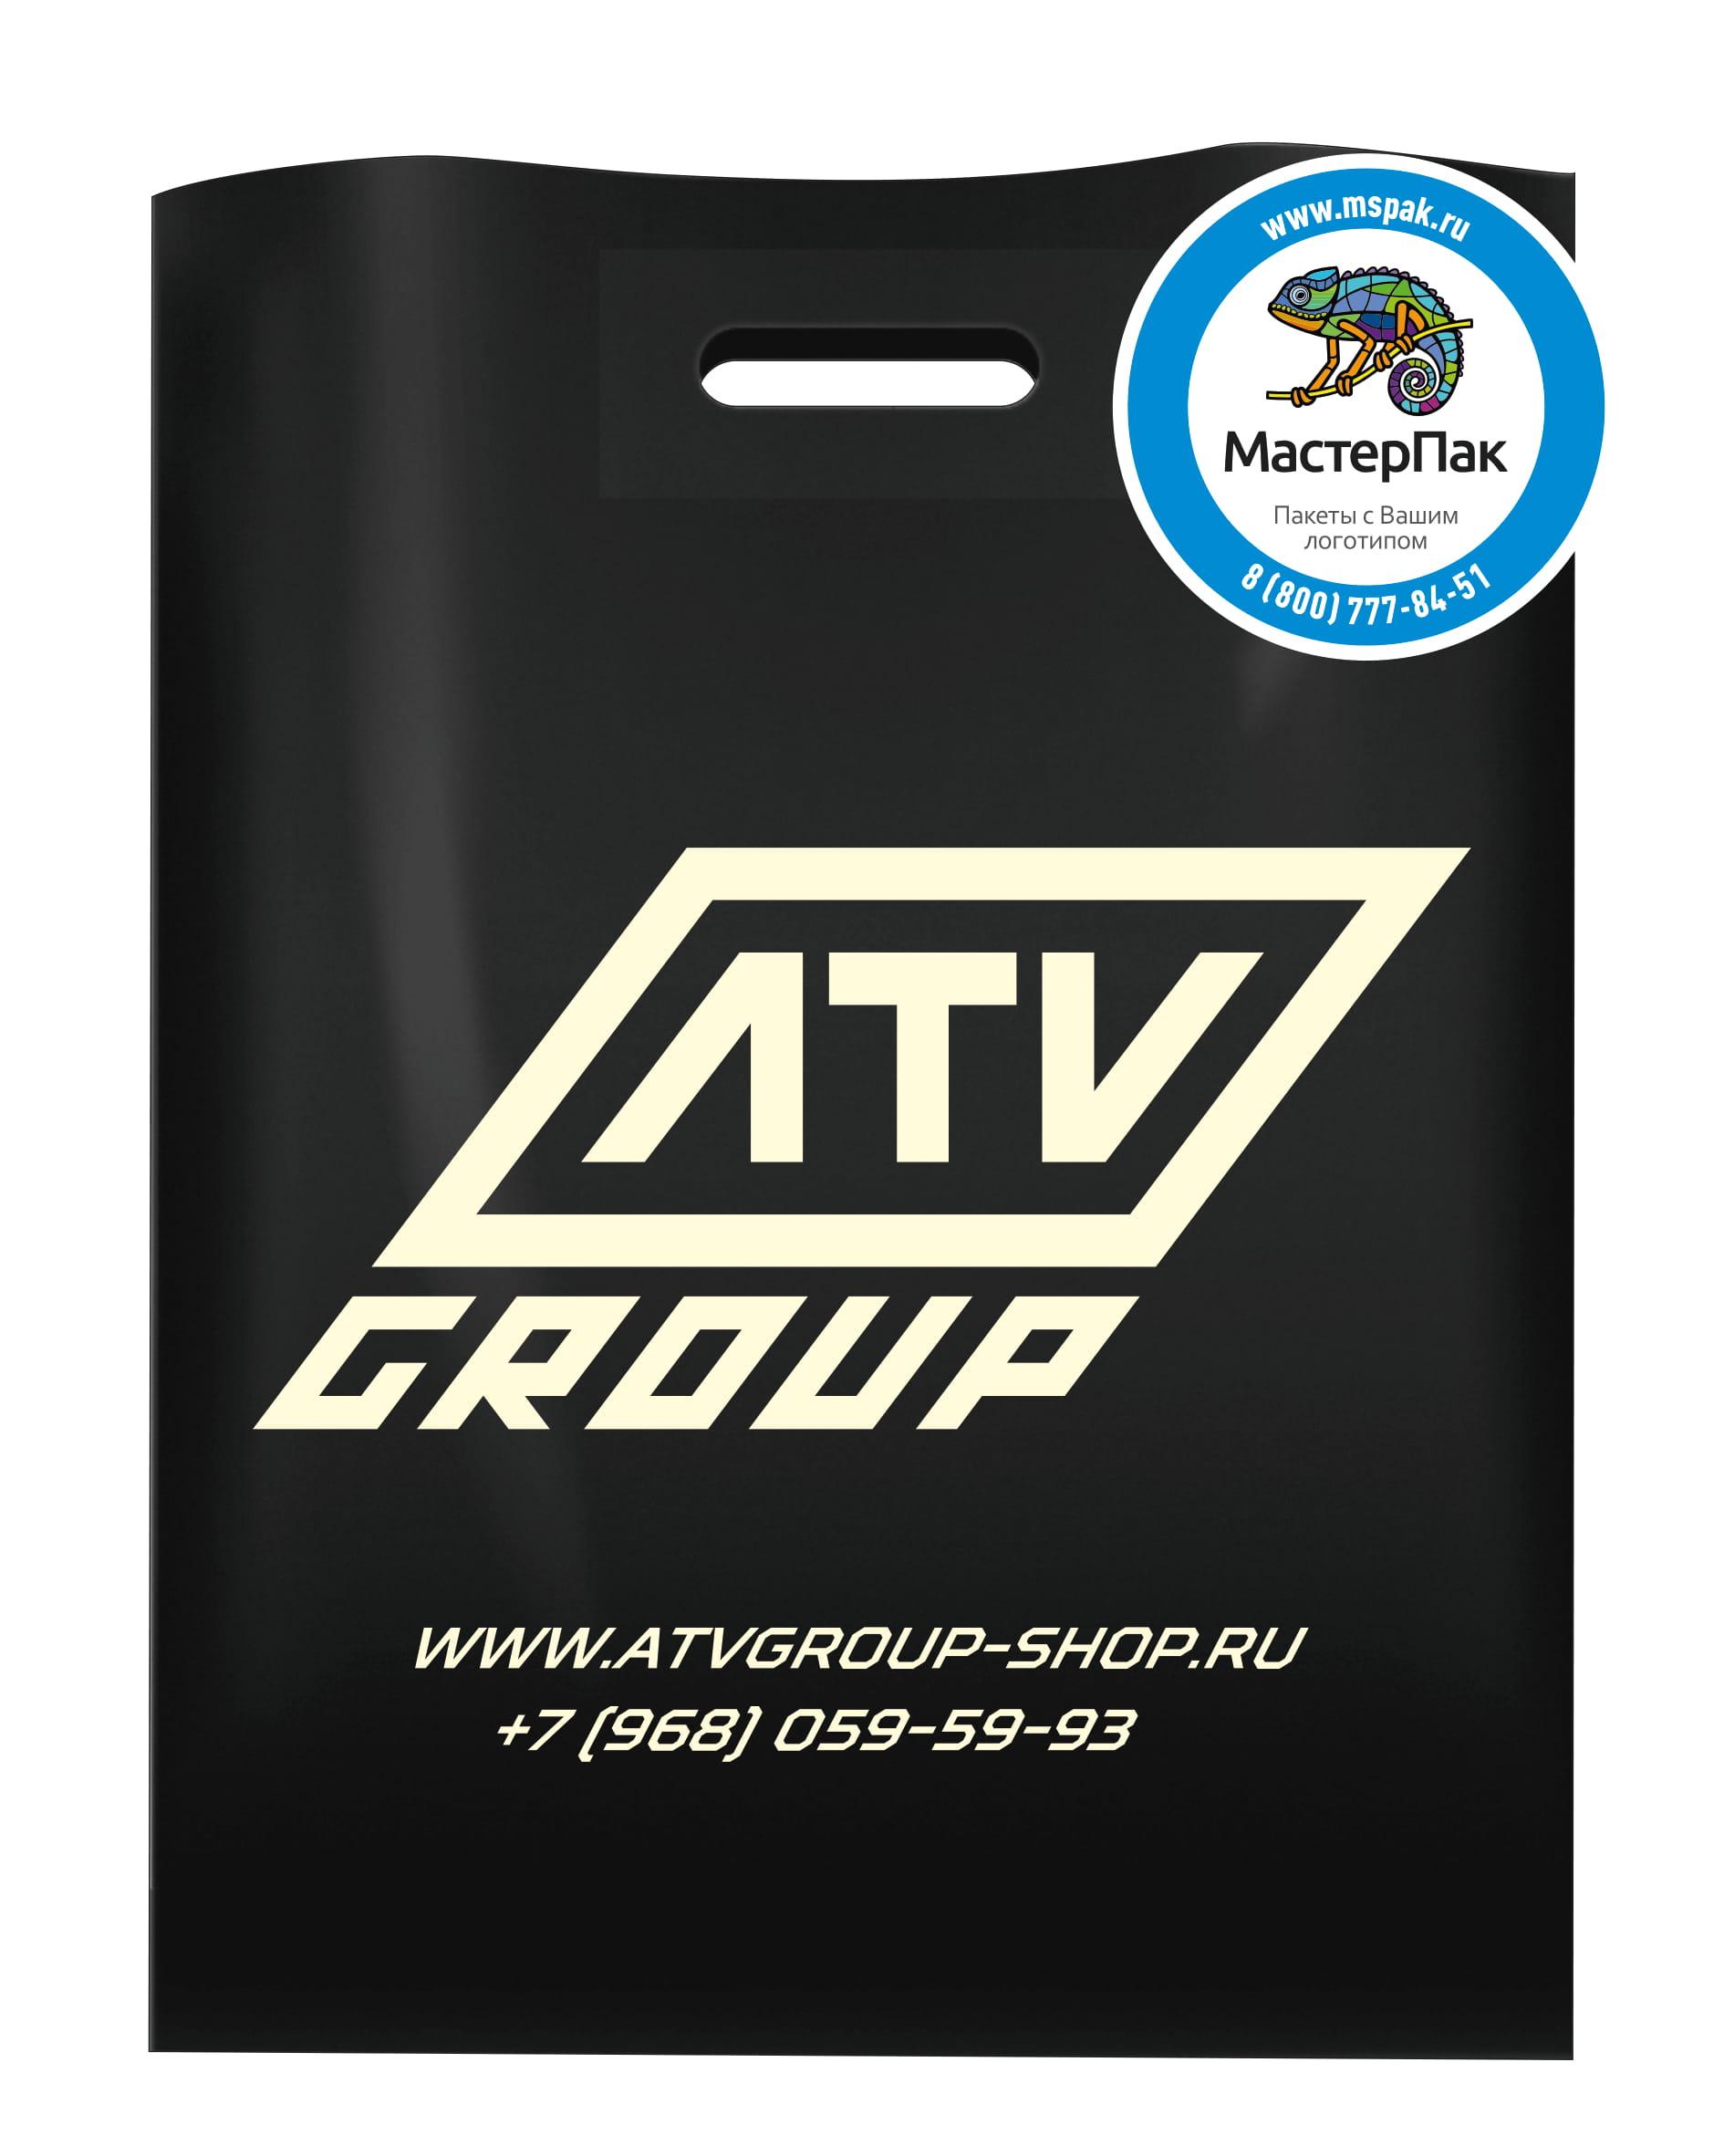 Пакет ПВД с логотипом магазина ATVGroup, 70 мкм, черный